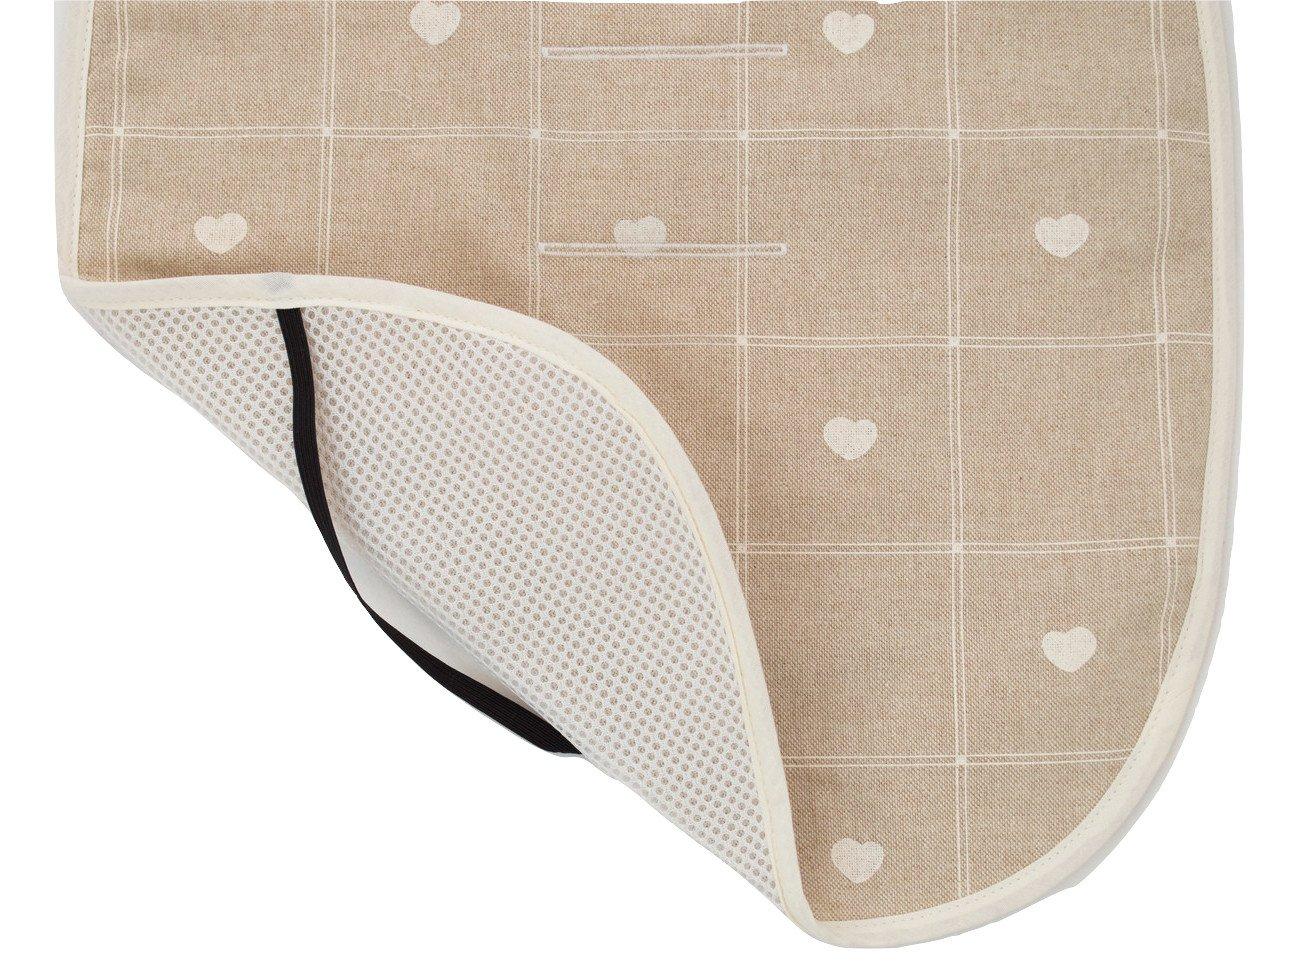 Colchoneta o funda Universal para silla de paseo o cochecito + Protector de arneses. Modelo Corazones